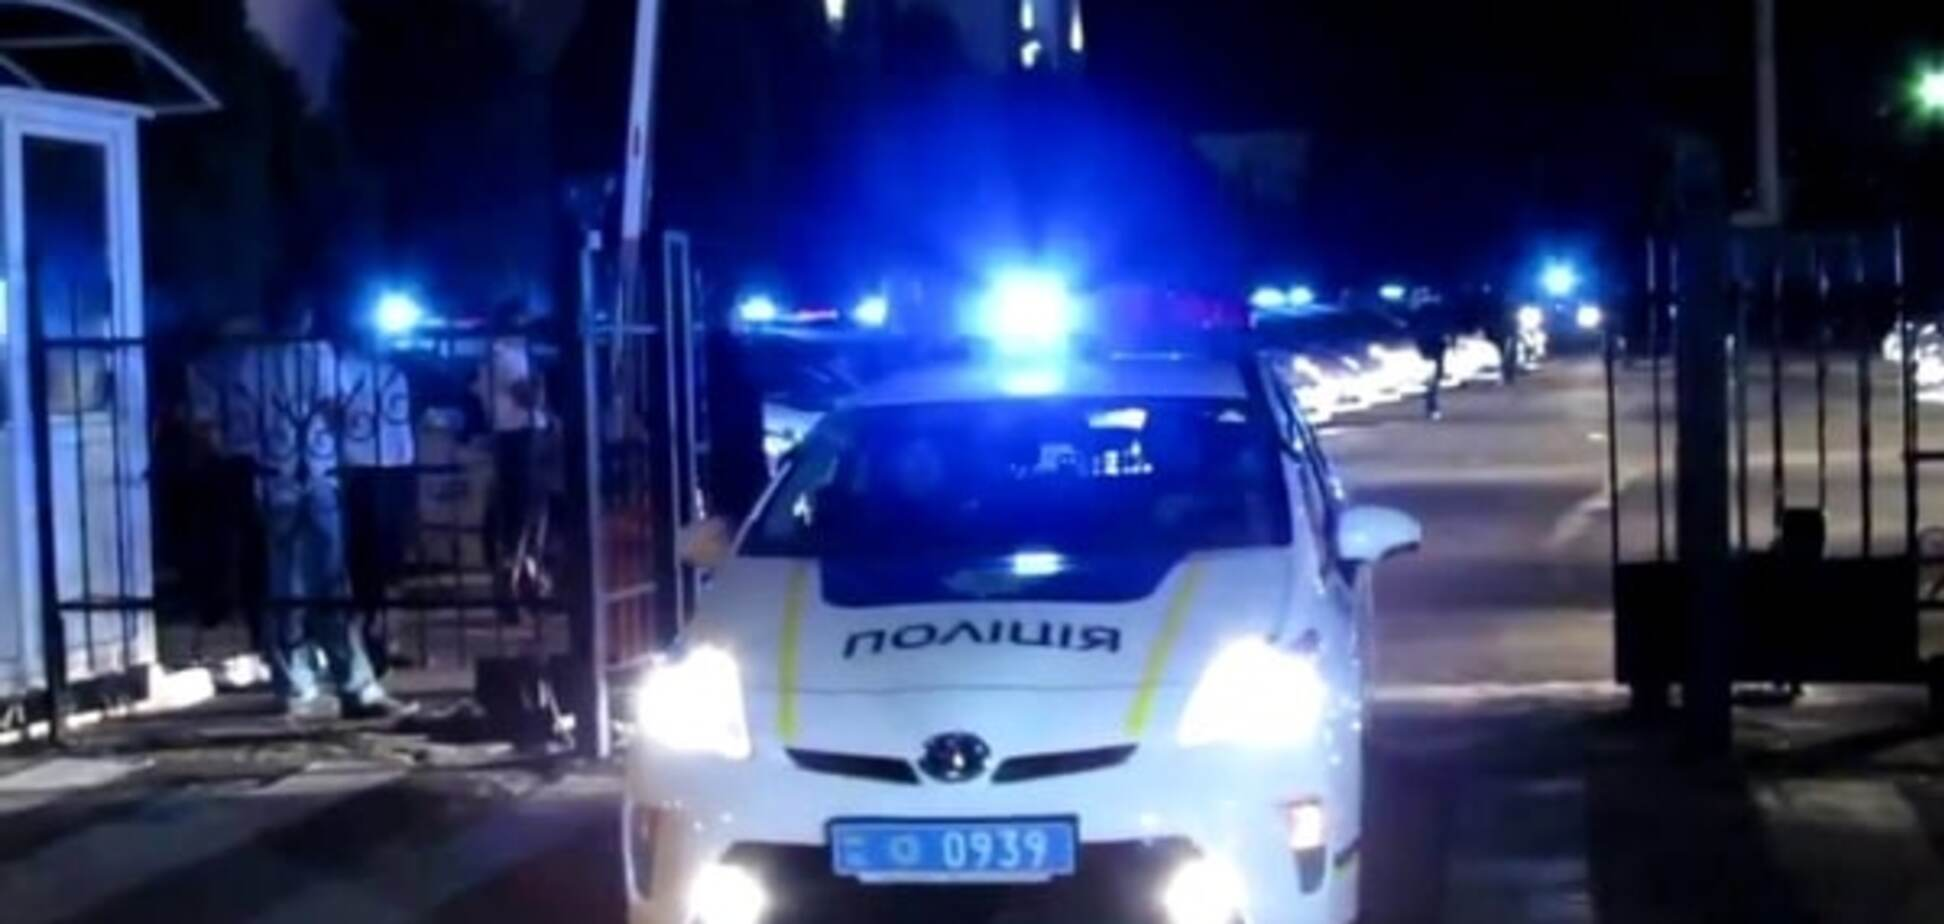 Во Львове пьяные полицейские устроили драку в ночном клубе